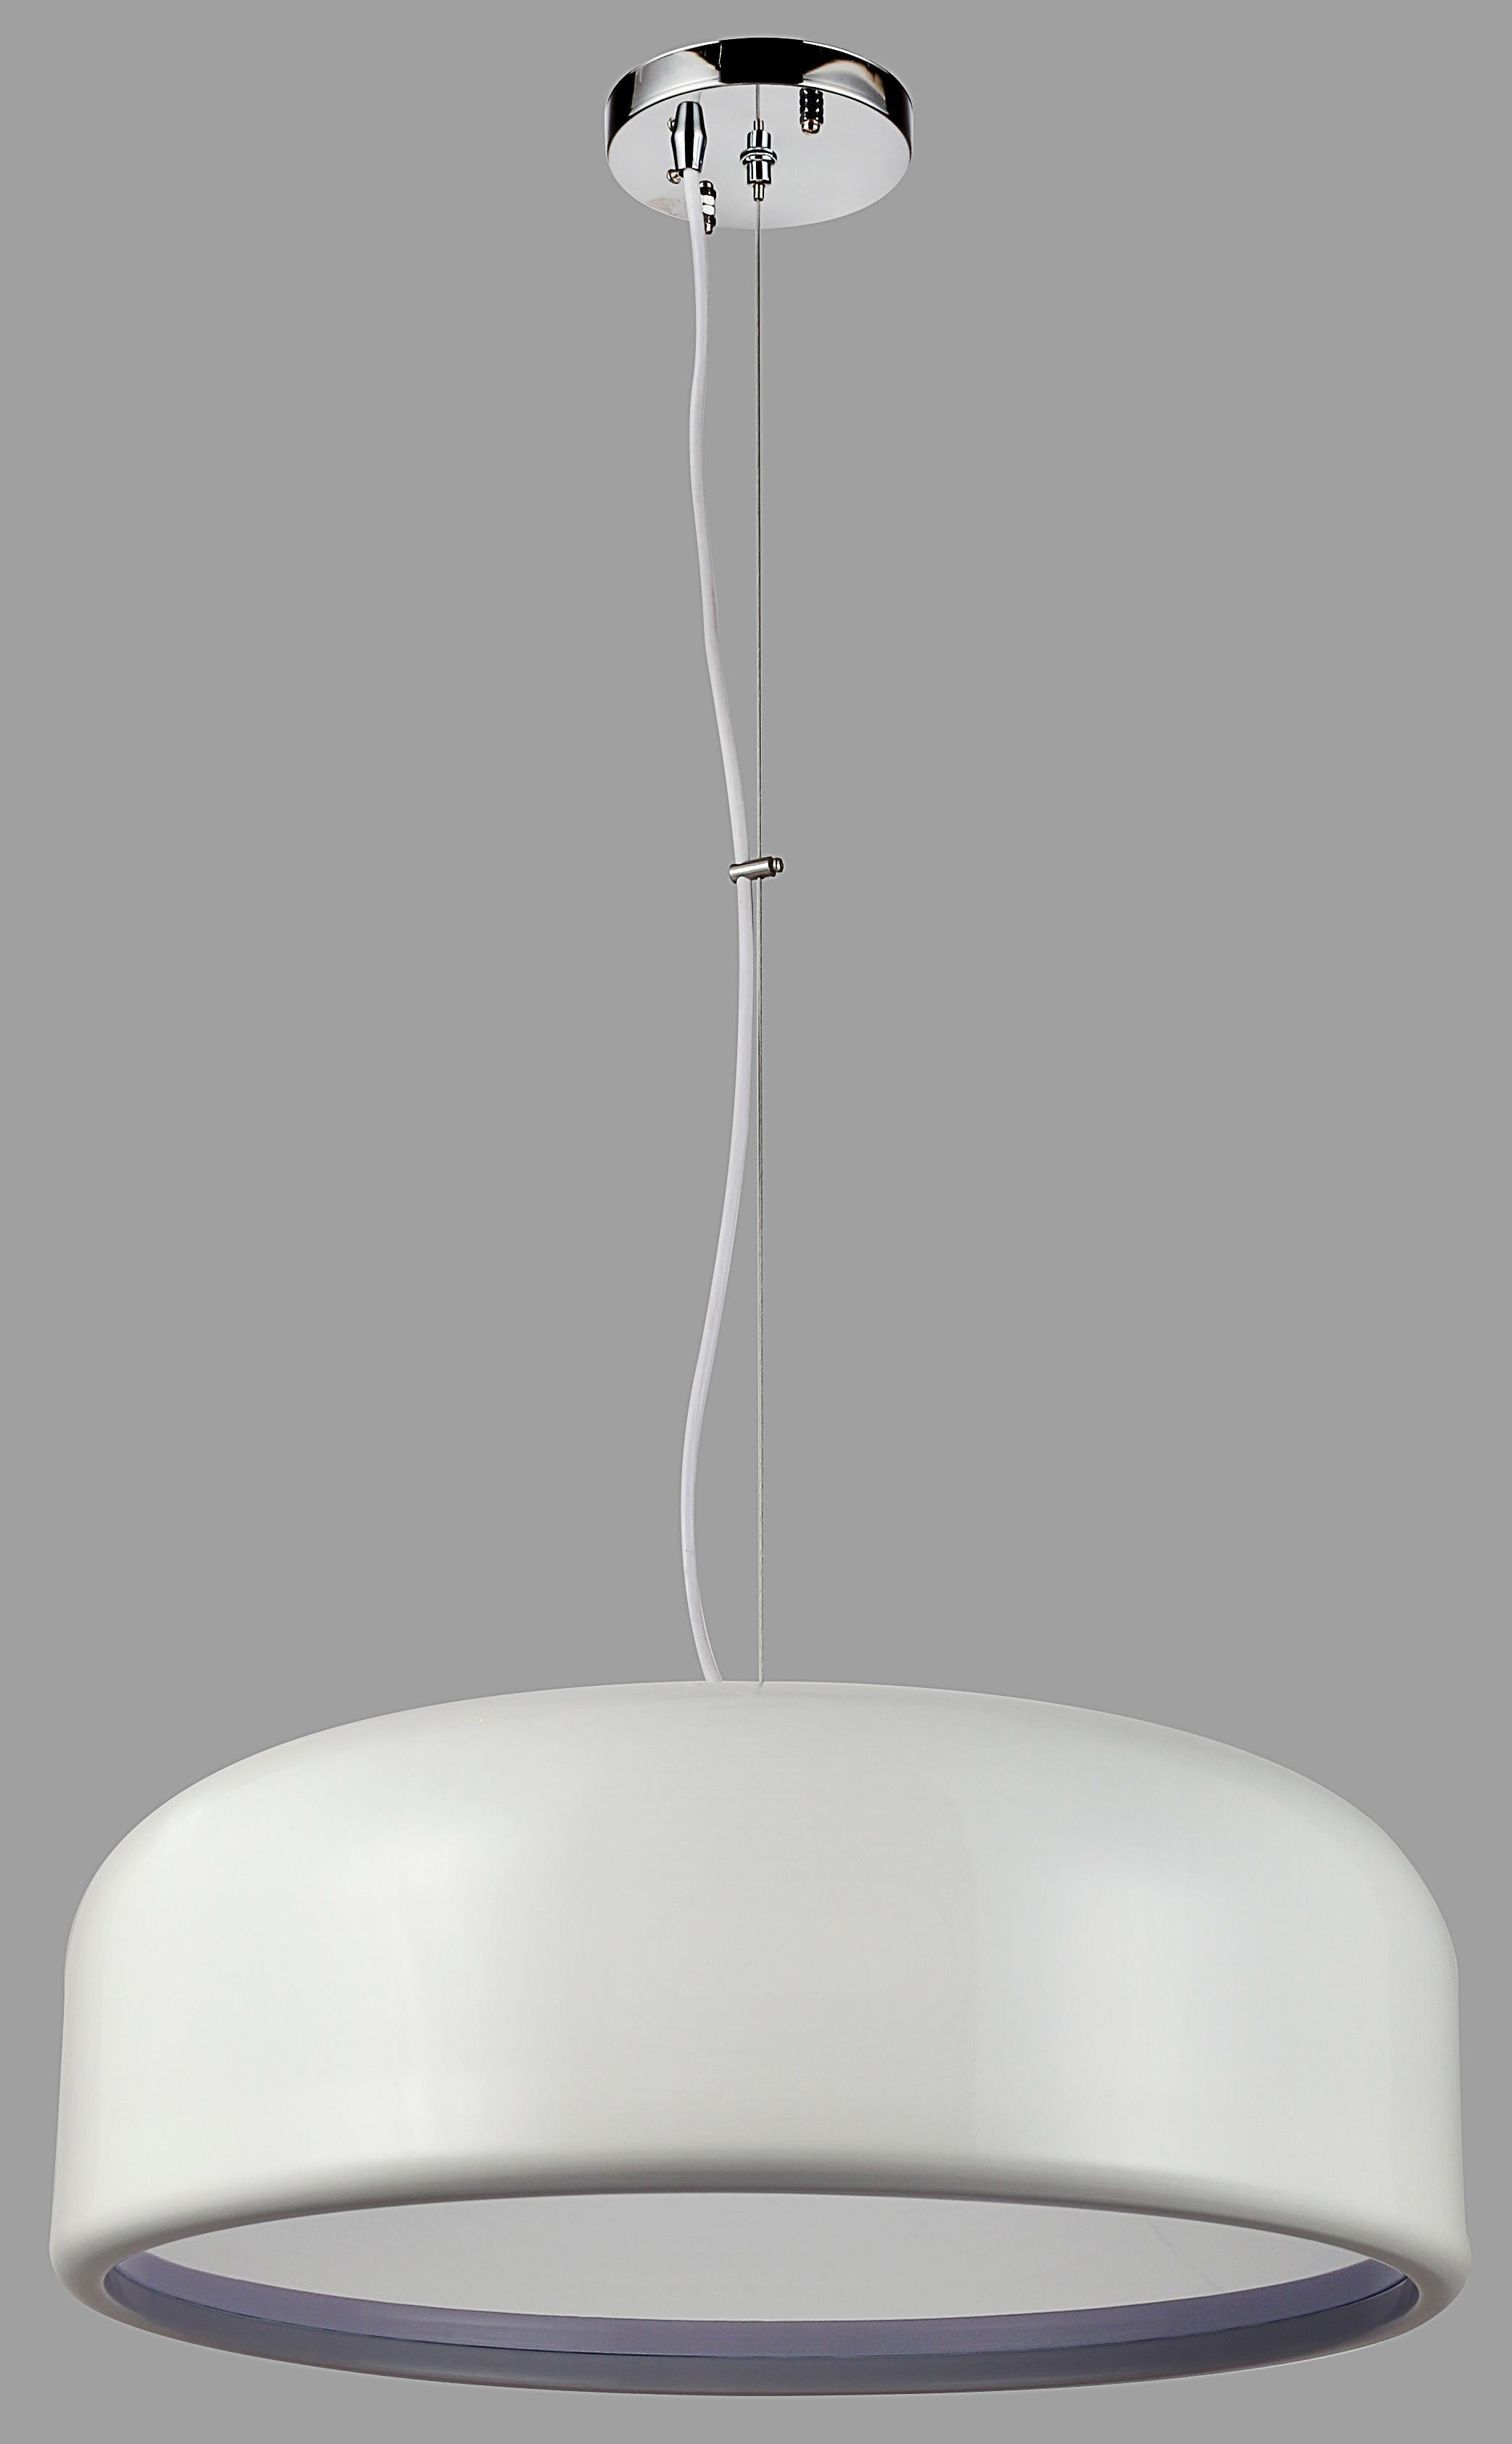 Люстра De fran Sp1-1602-5w